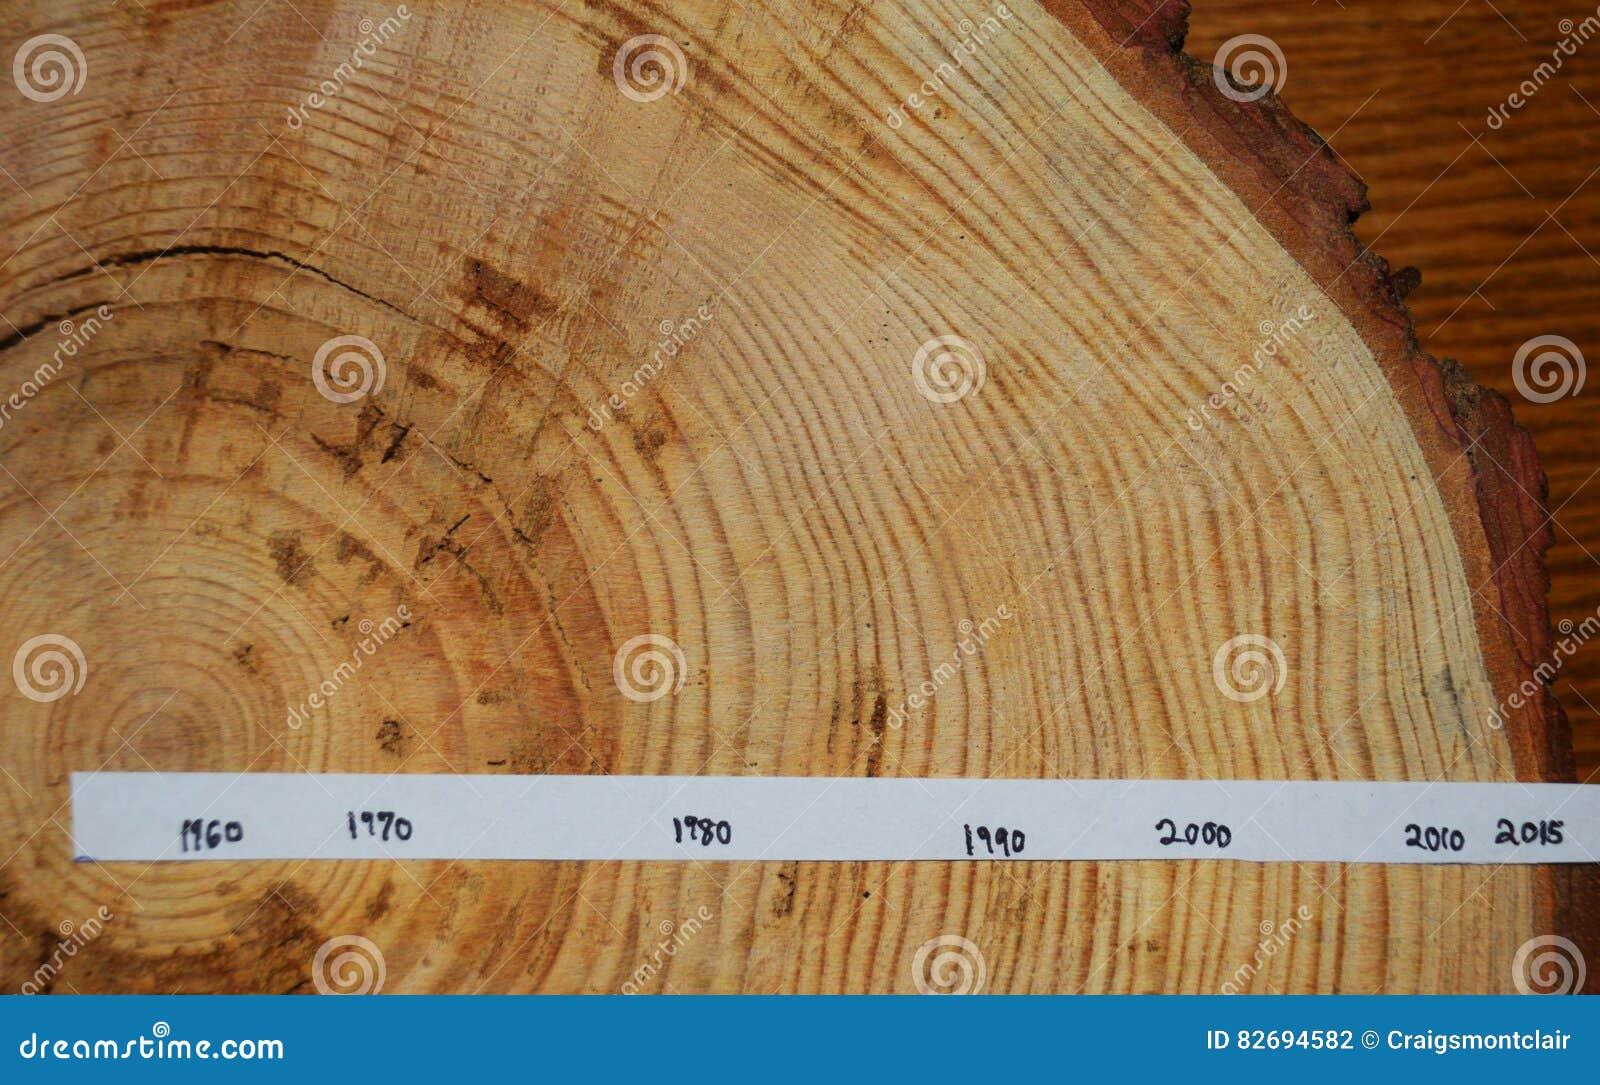 δέντρο δαχτυλιδιών τμήμα χρονολογημένος η χορήγηση των περιοχών περιοχής που ψαλιδίζουν τη χρωματισμένη ανύψωση το συμπεριλαμβανό